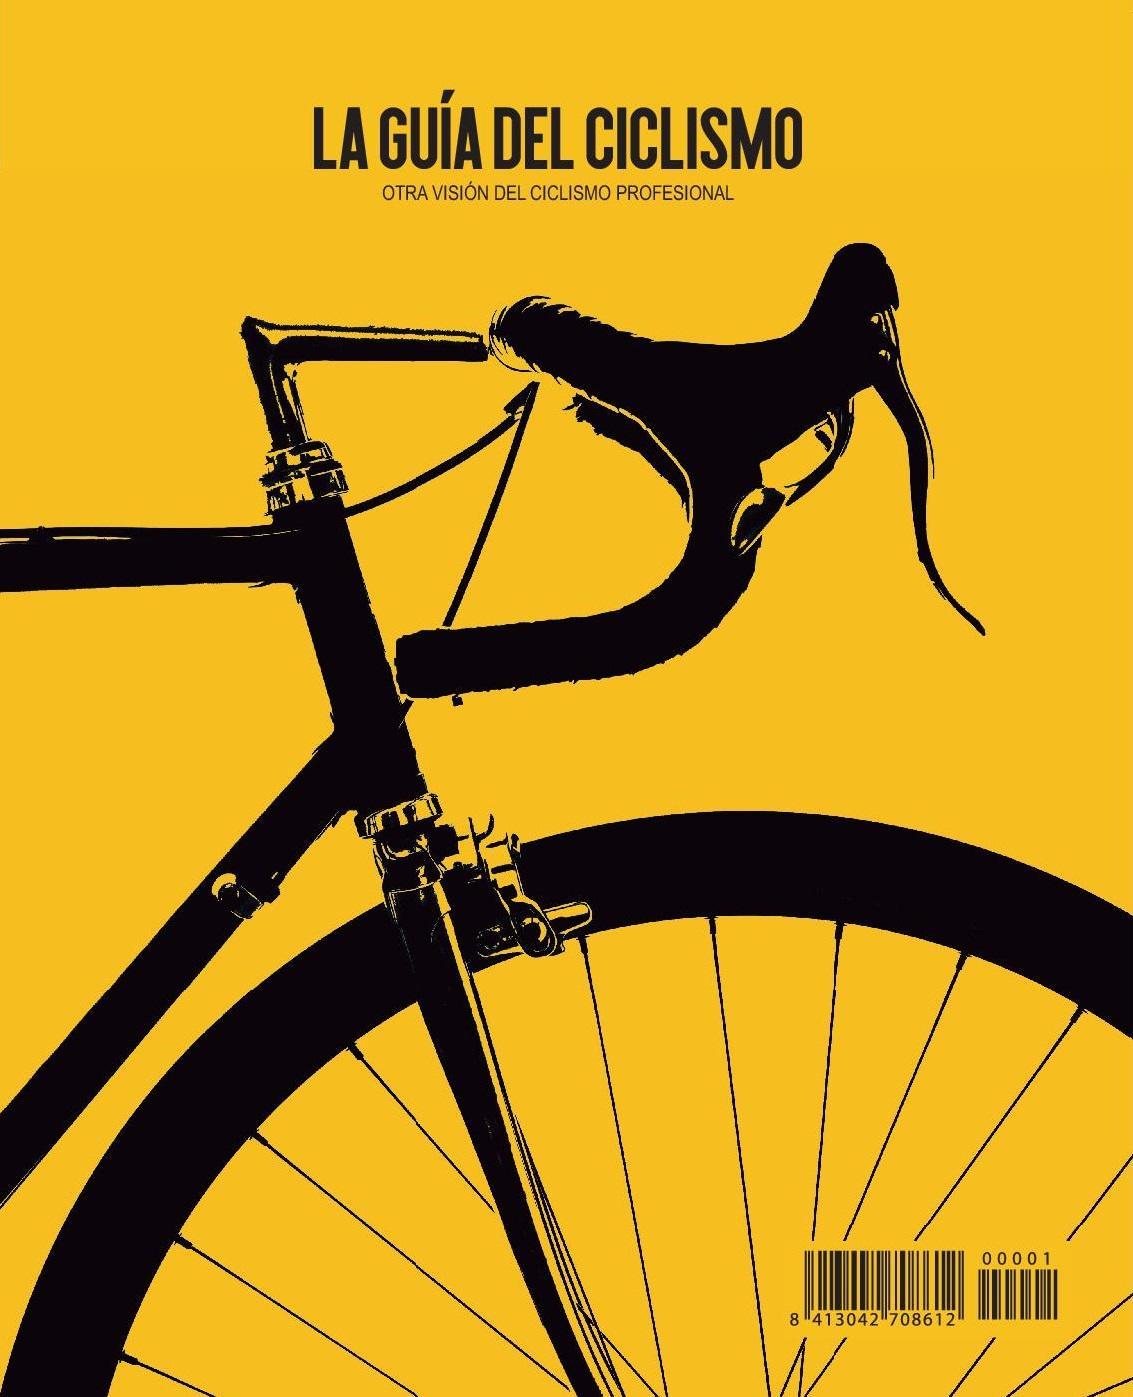 La guía del ciclismo. Otra visión del ciclismo profesional: Amazon.es: Axel Springer, Axel Springer: Libros